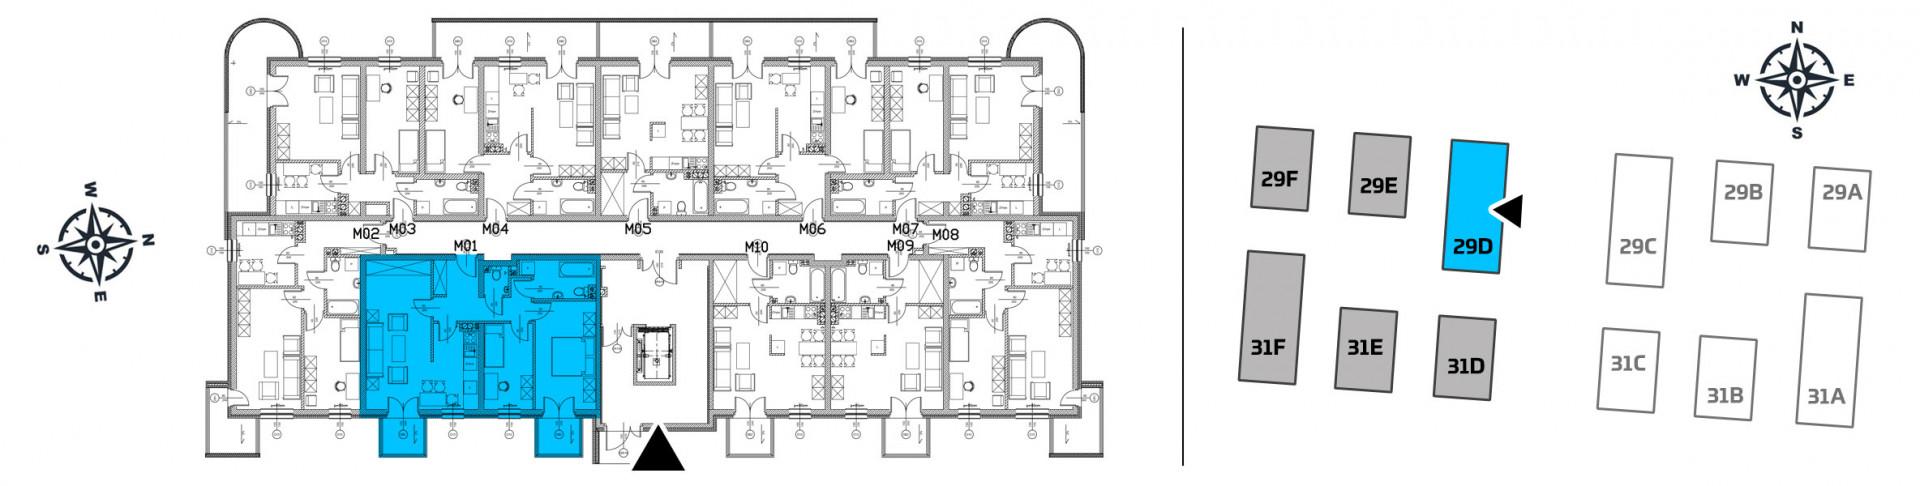 Mieszkanie trzypokojowe 29D/1 rzut 2